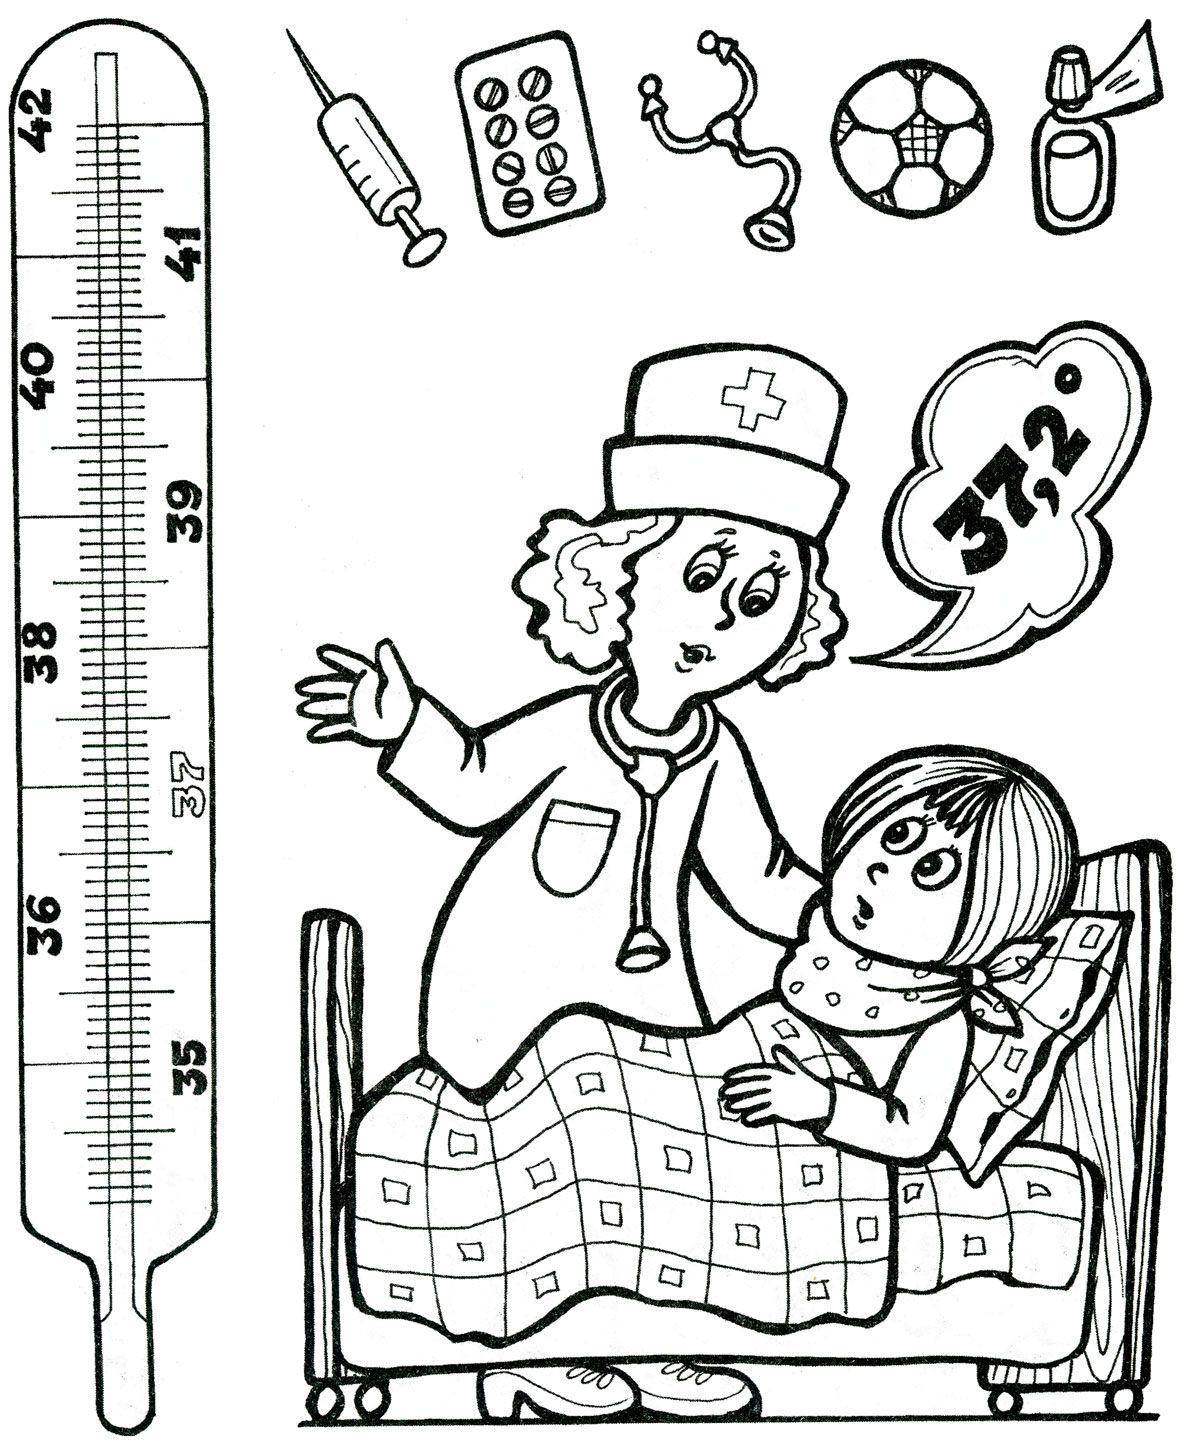 ziek zijn, kleur de thermometer in tot 37,2 graden